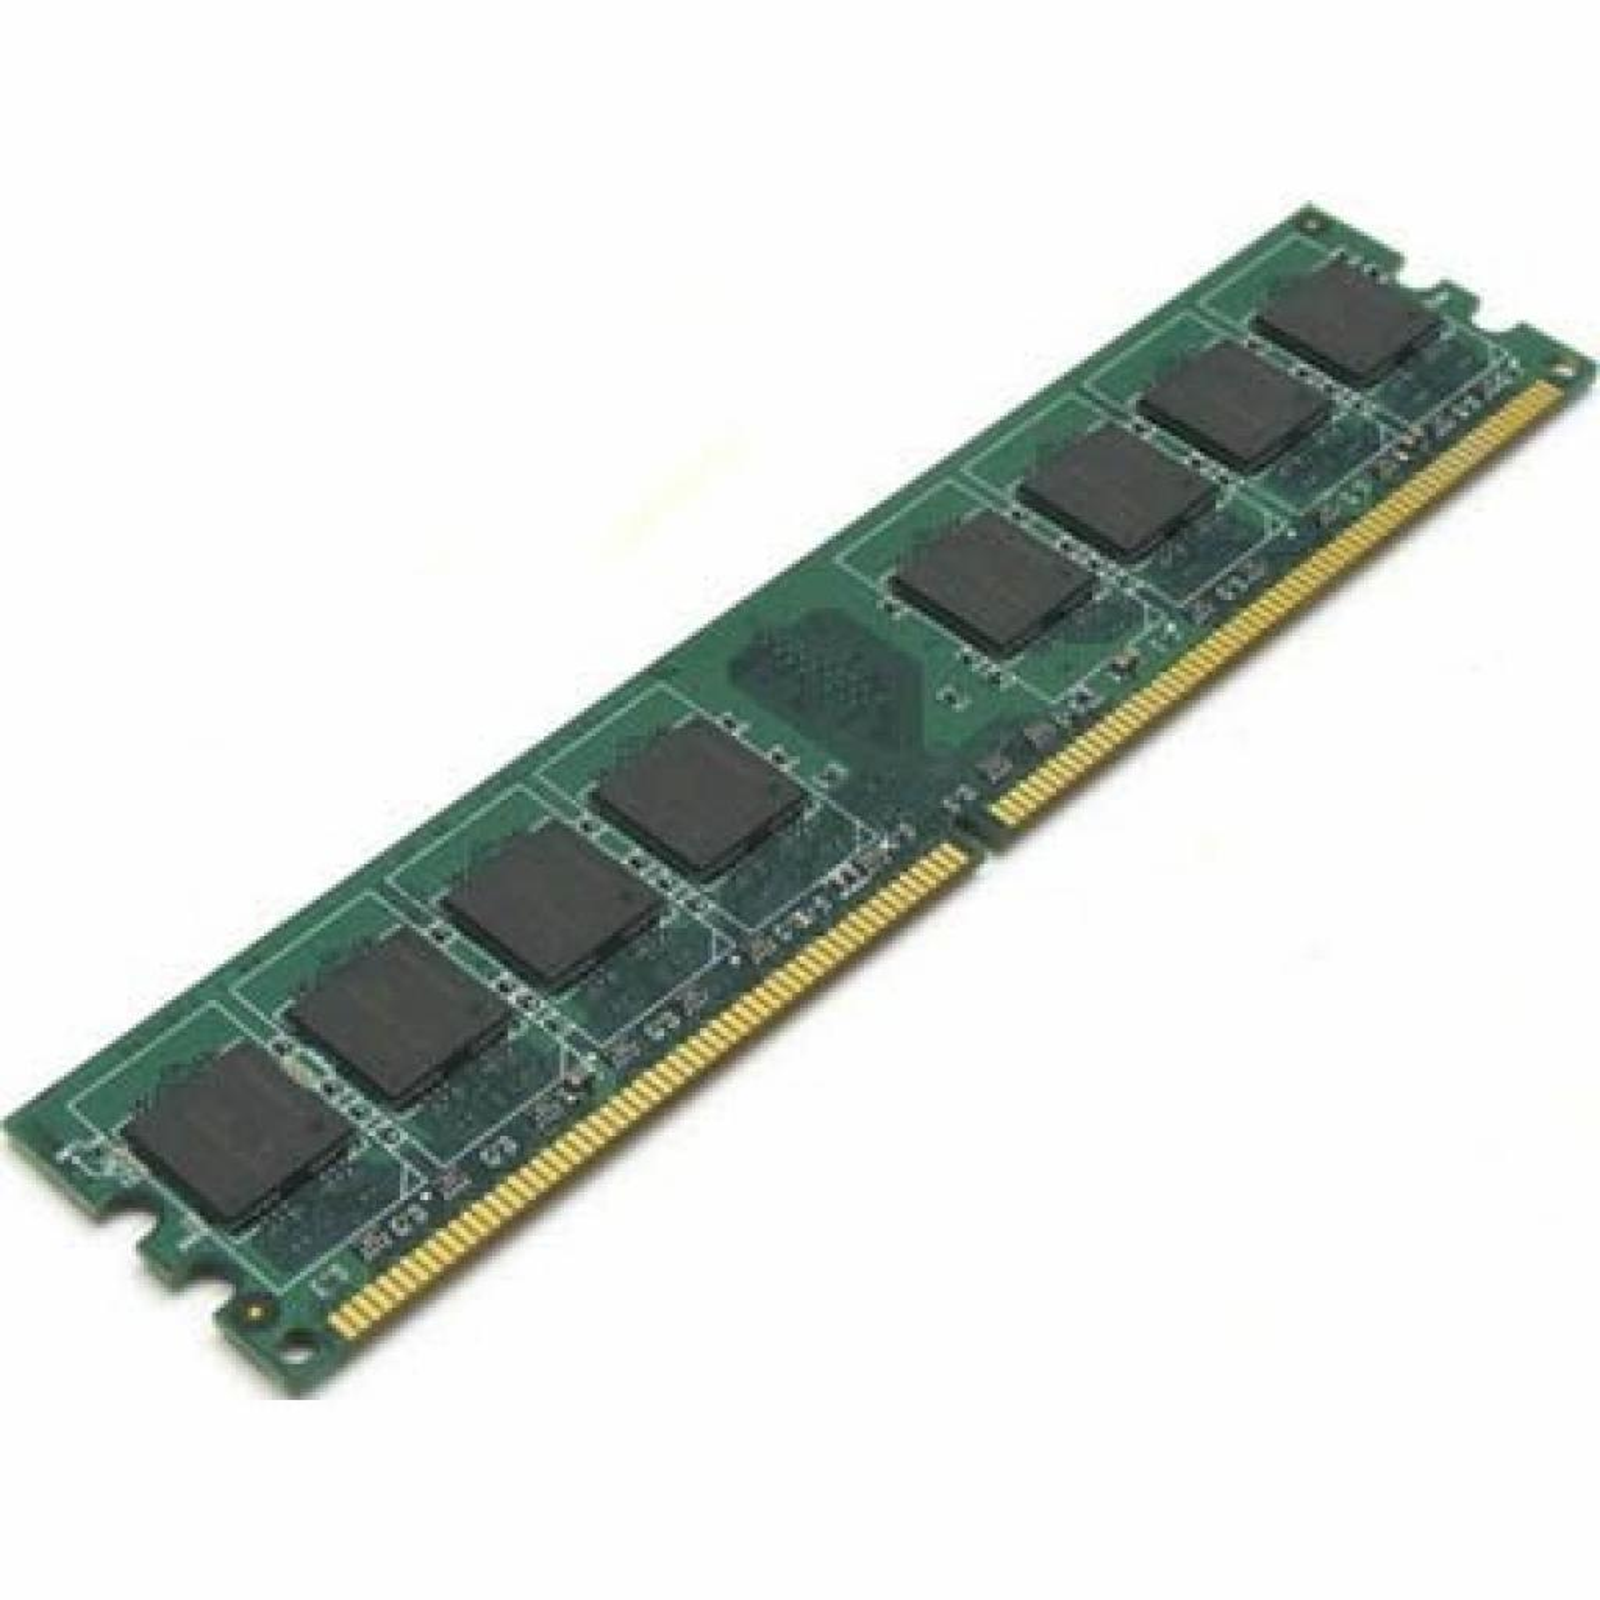 Модуль памяти для компьютера DDR2 2GB 800 MHz Samsung (IC_K4T1G08400 / IC_K4T1G084QF-BCF7_16ch)